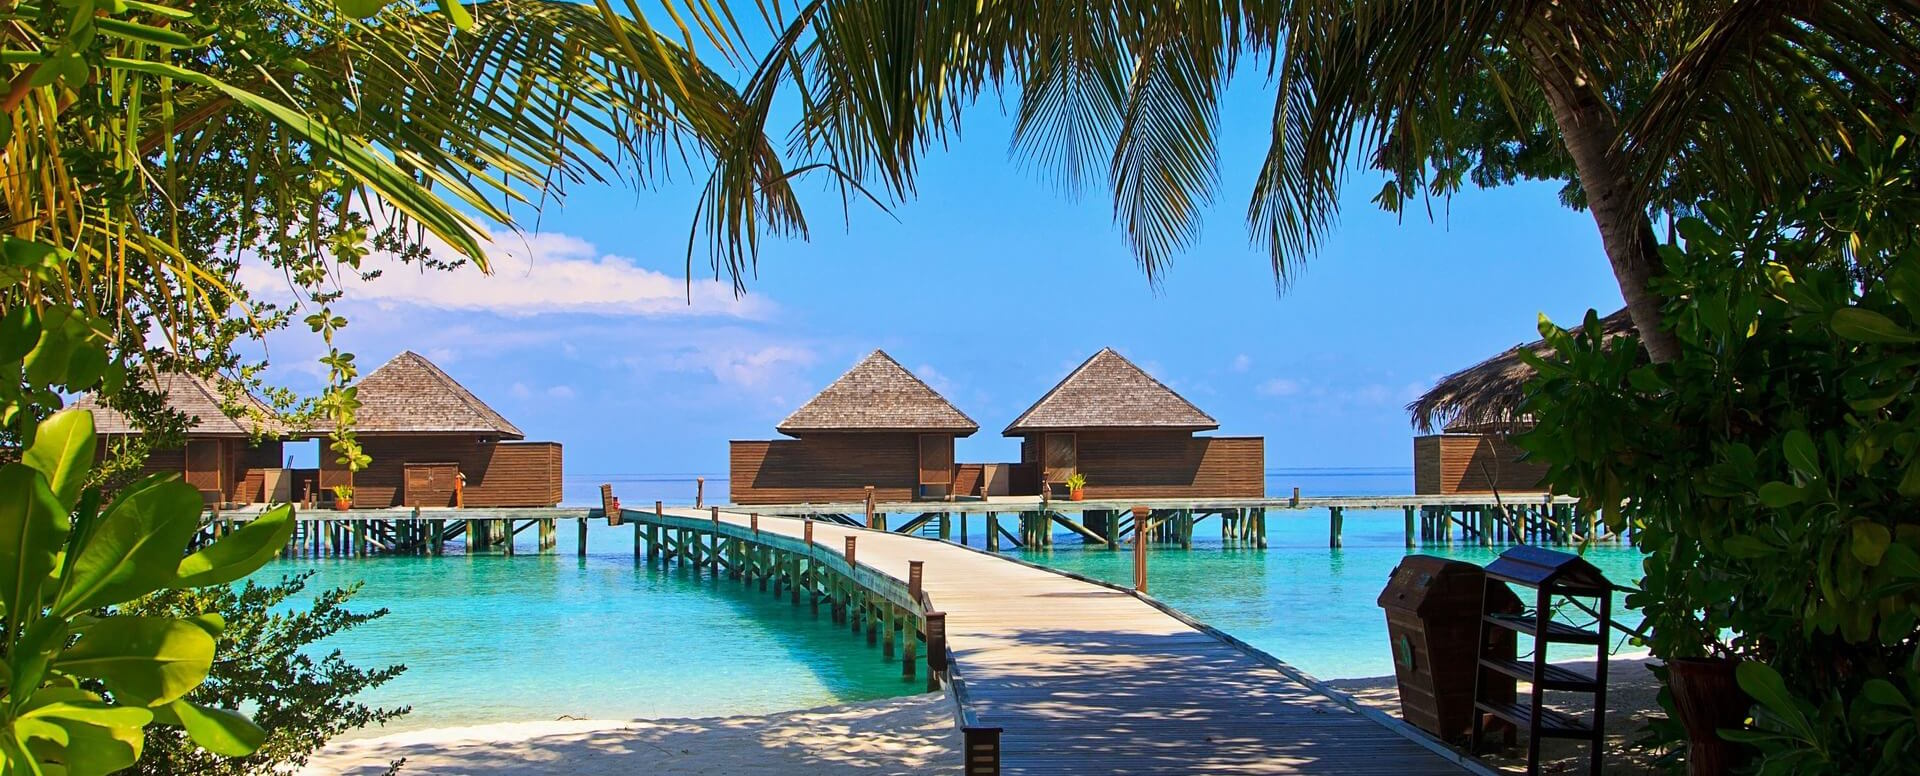 Culture and Tradition in the Maldives - Maldives